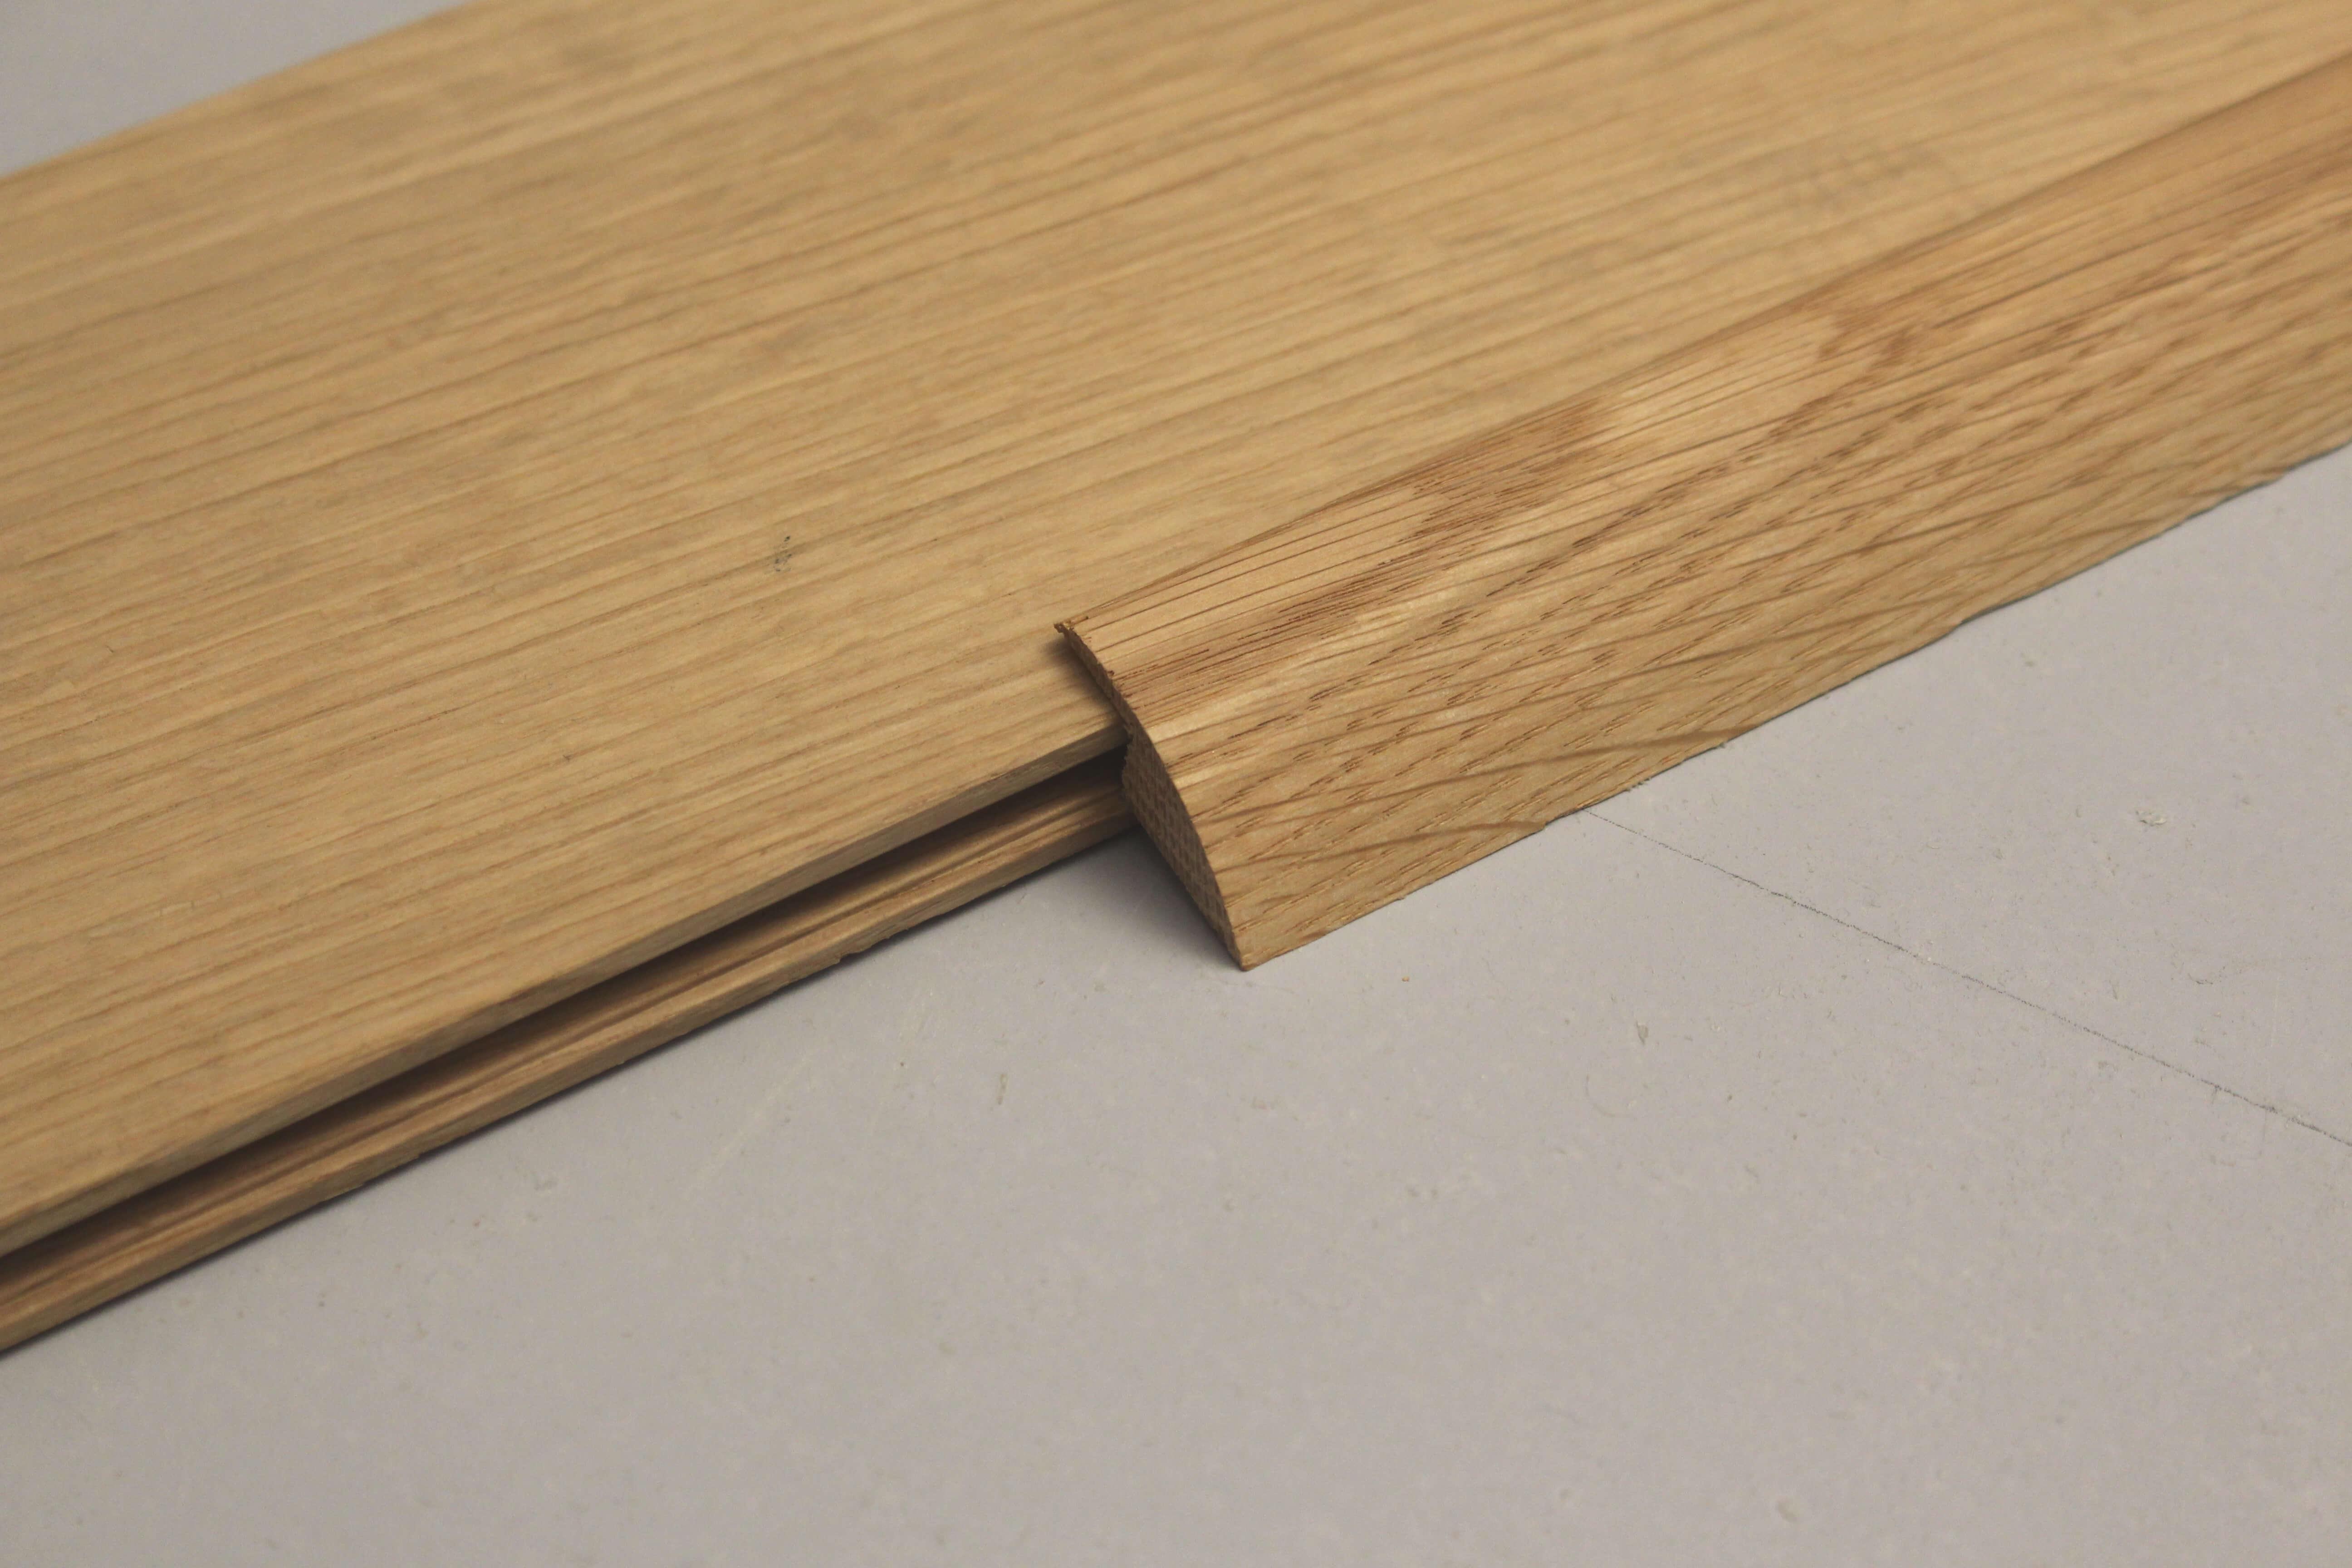 Barre de seuil u00e0 recouvrement chu00eane massif pour parquet de 10 mm